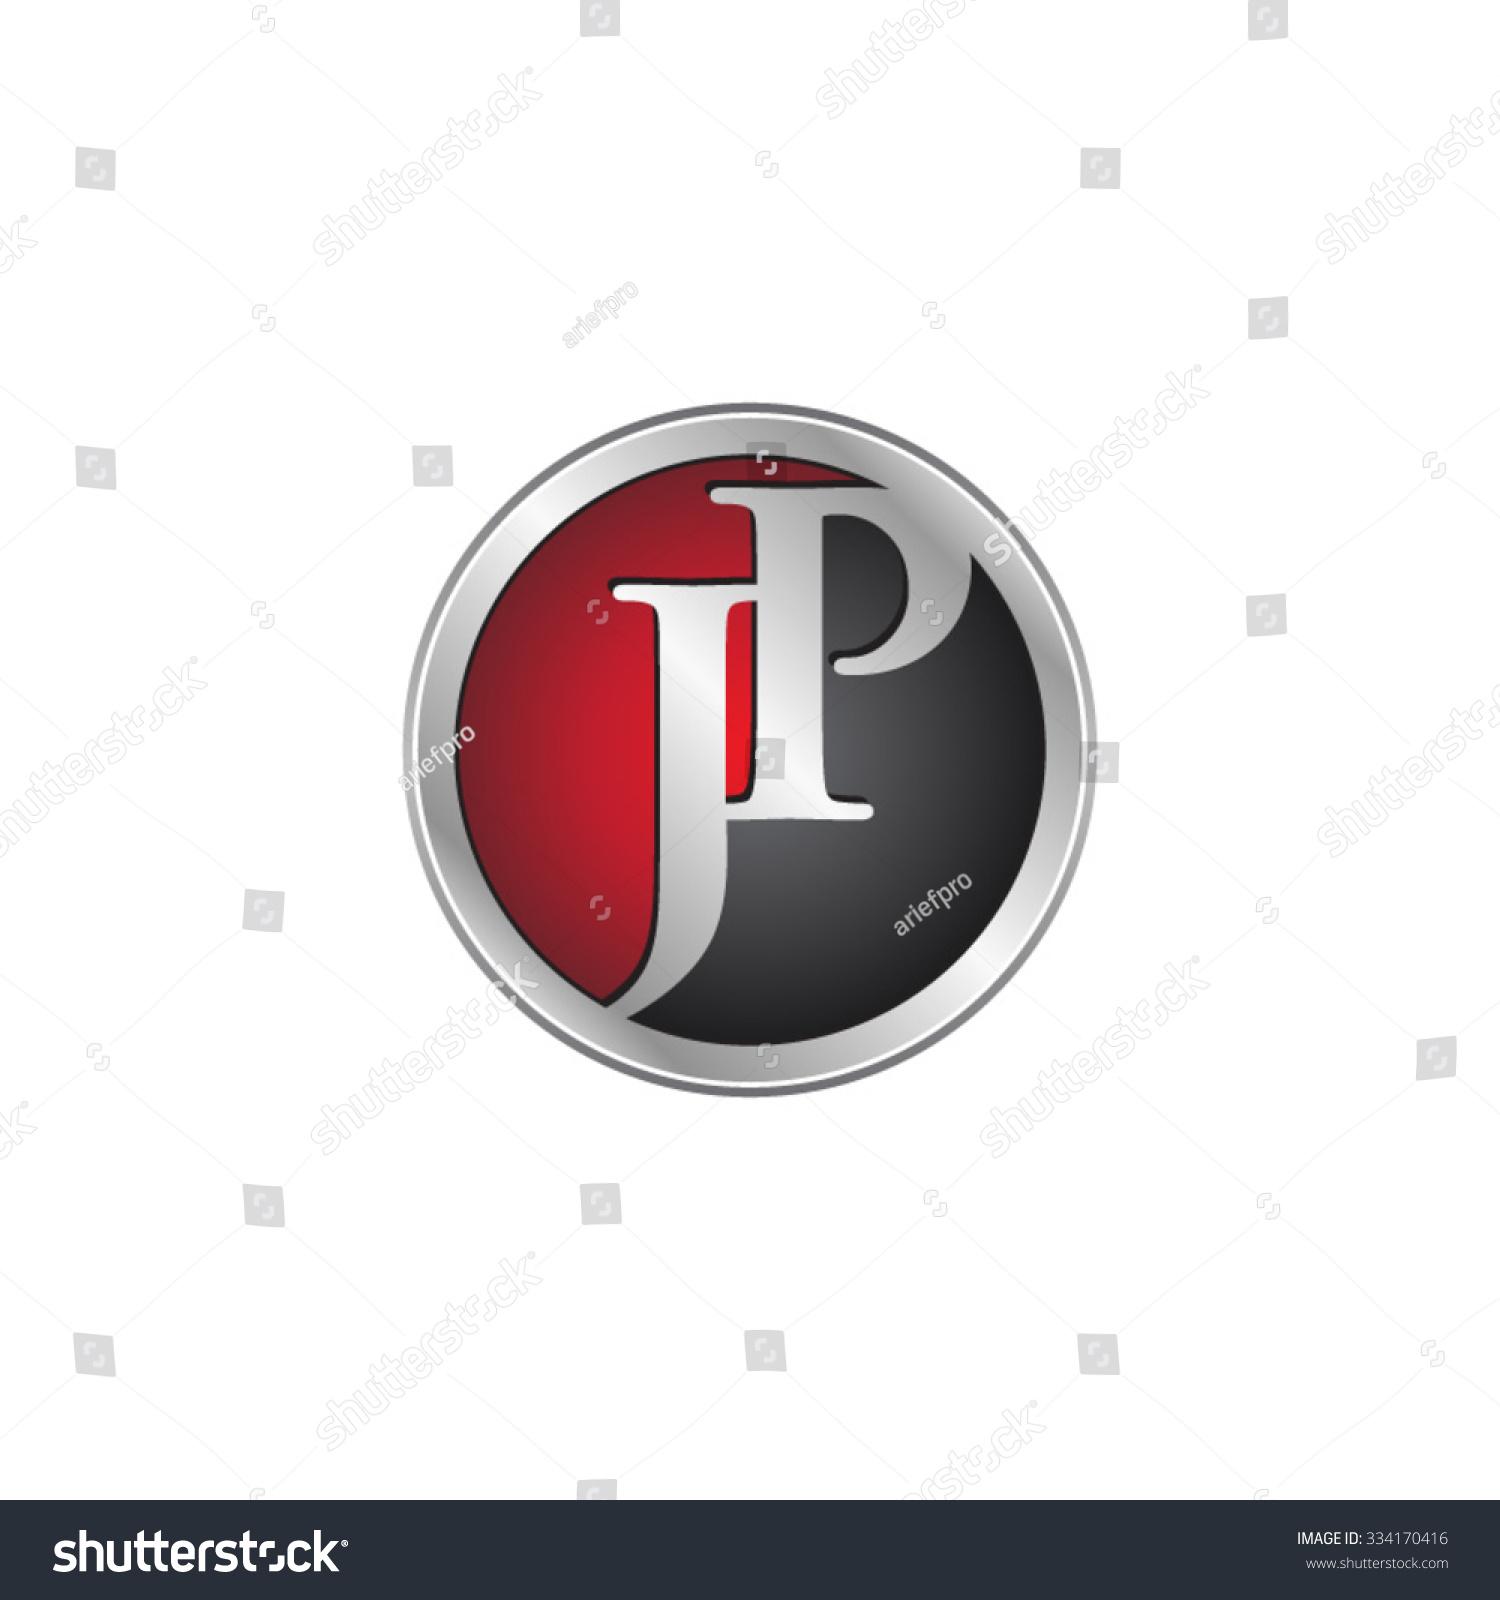 Tj initial luxury ornament monogram logo stock vector - Jp Initial Circle Logo Red